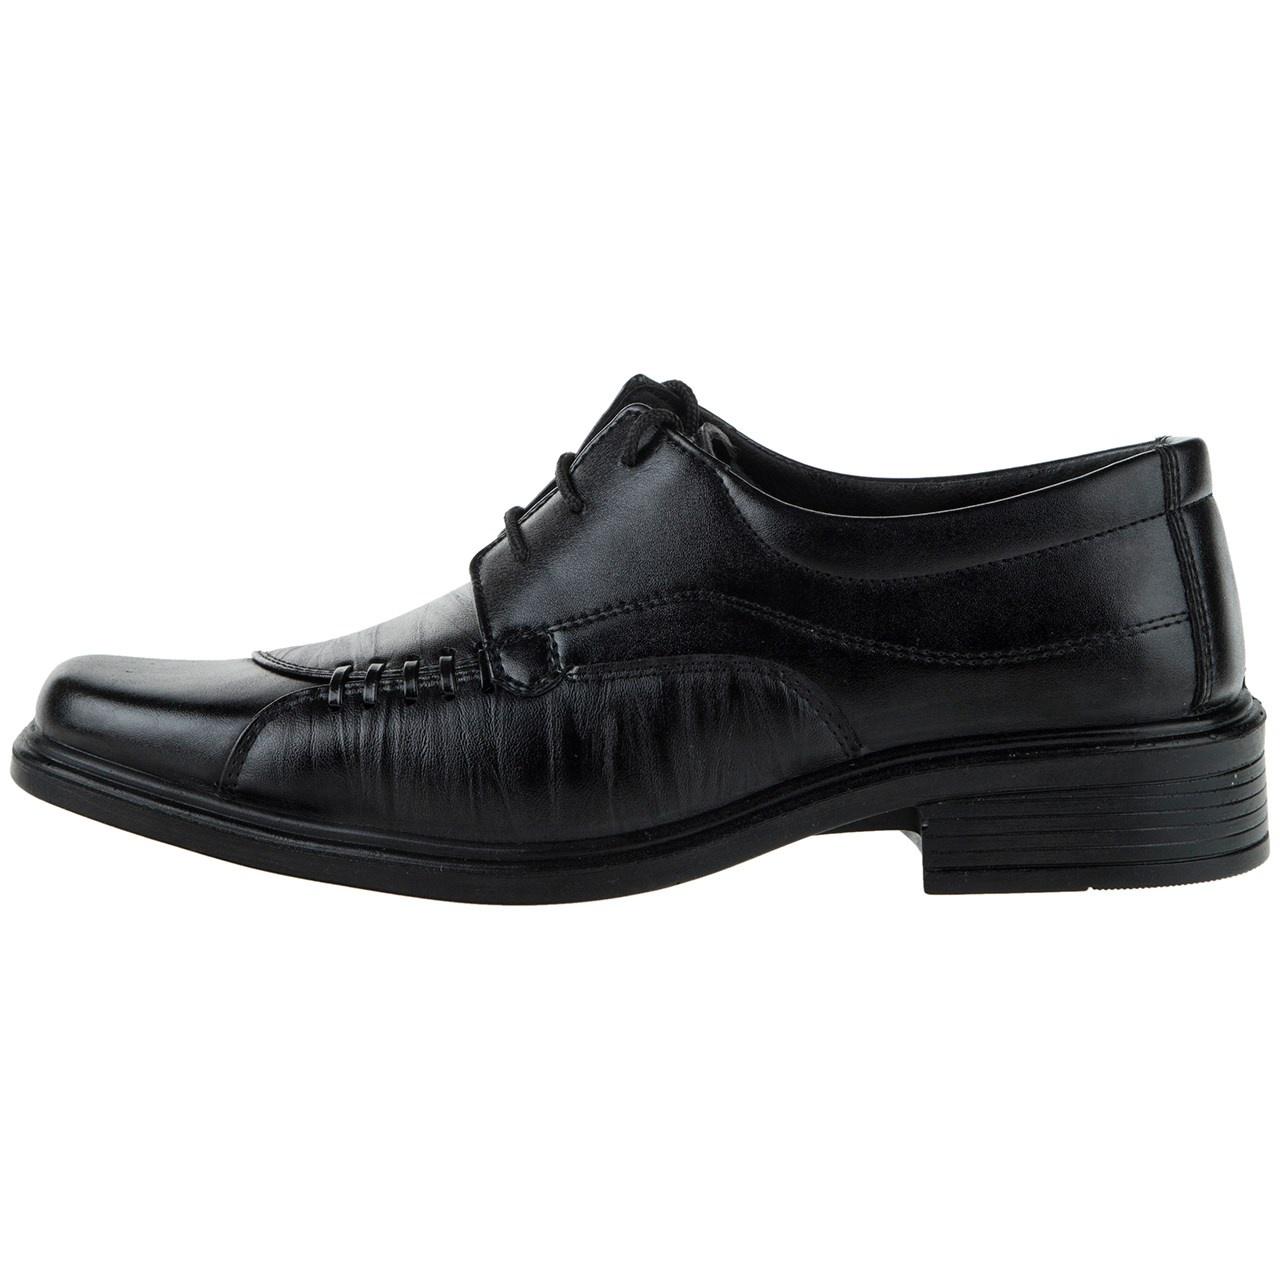 Venice men's leather shoes, SHO310 Model